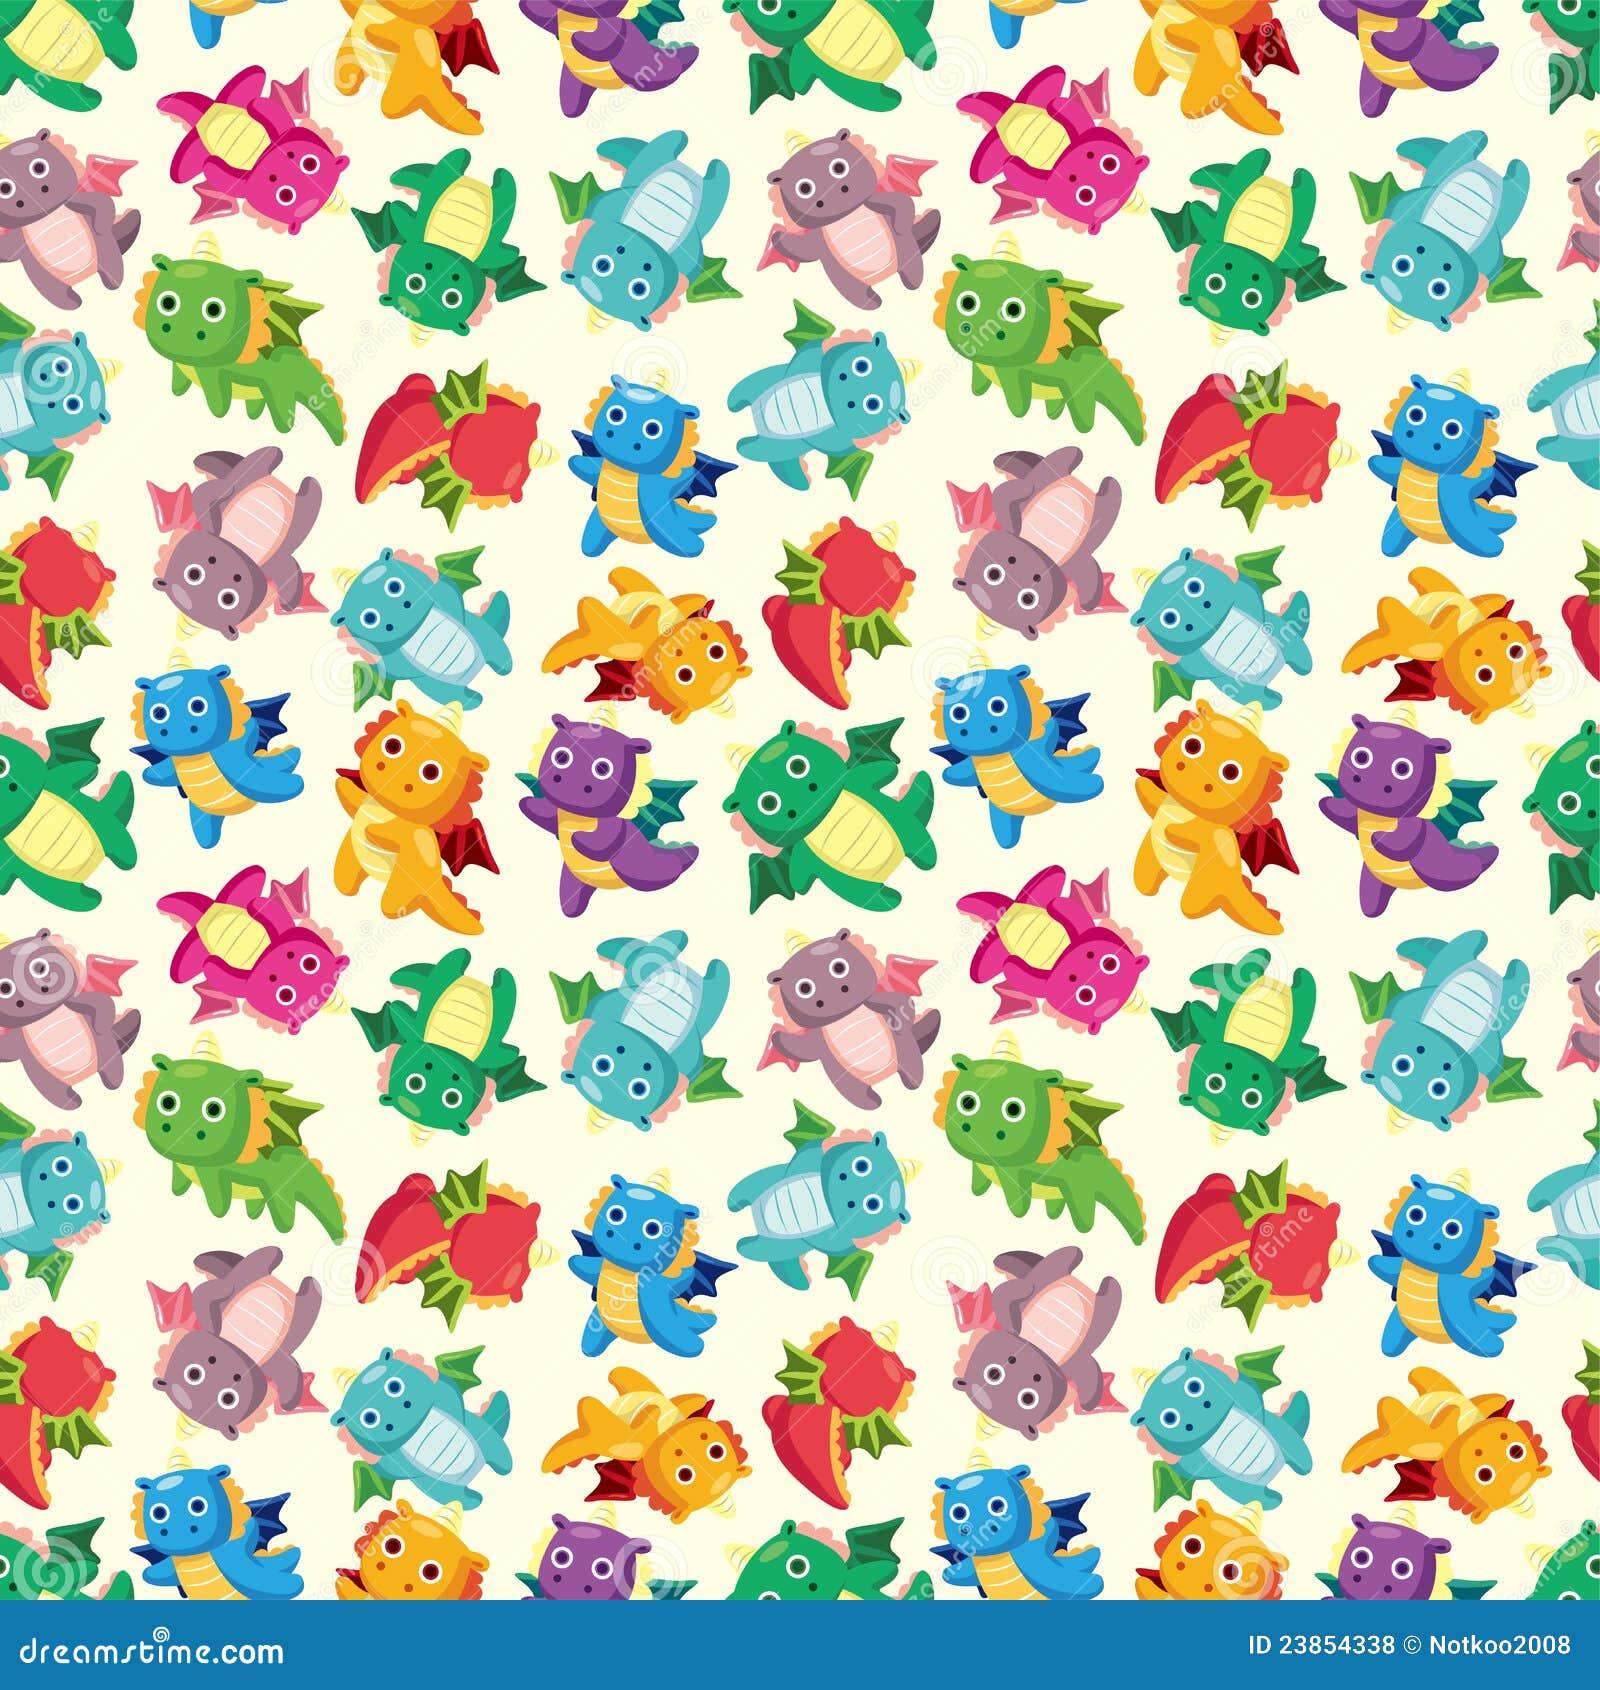 White Pusheen Catpusheeno Ceramic Travel Mug further 459156124488558166 likewise Narwhal further Love The Platypus 14666907 besides 477451997972698370. on kawaii animal cartoons